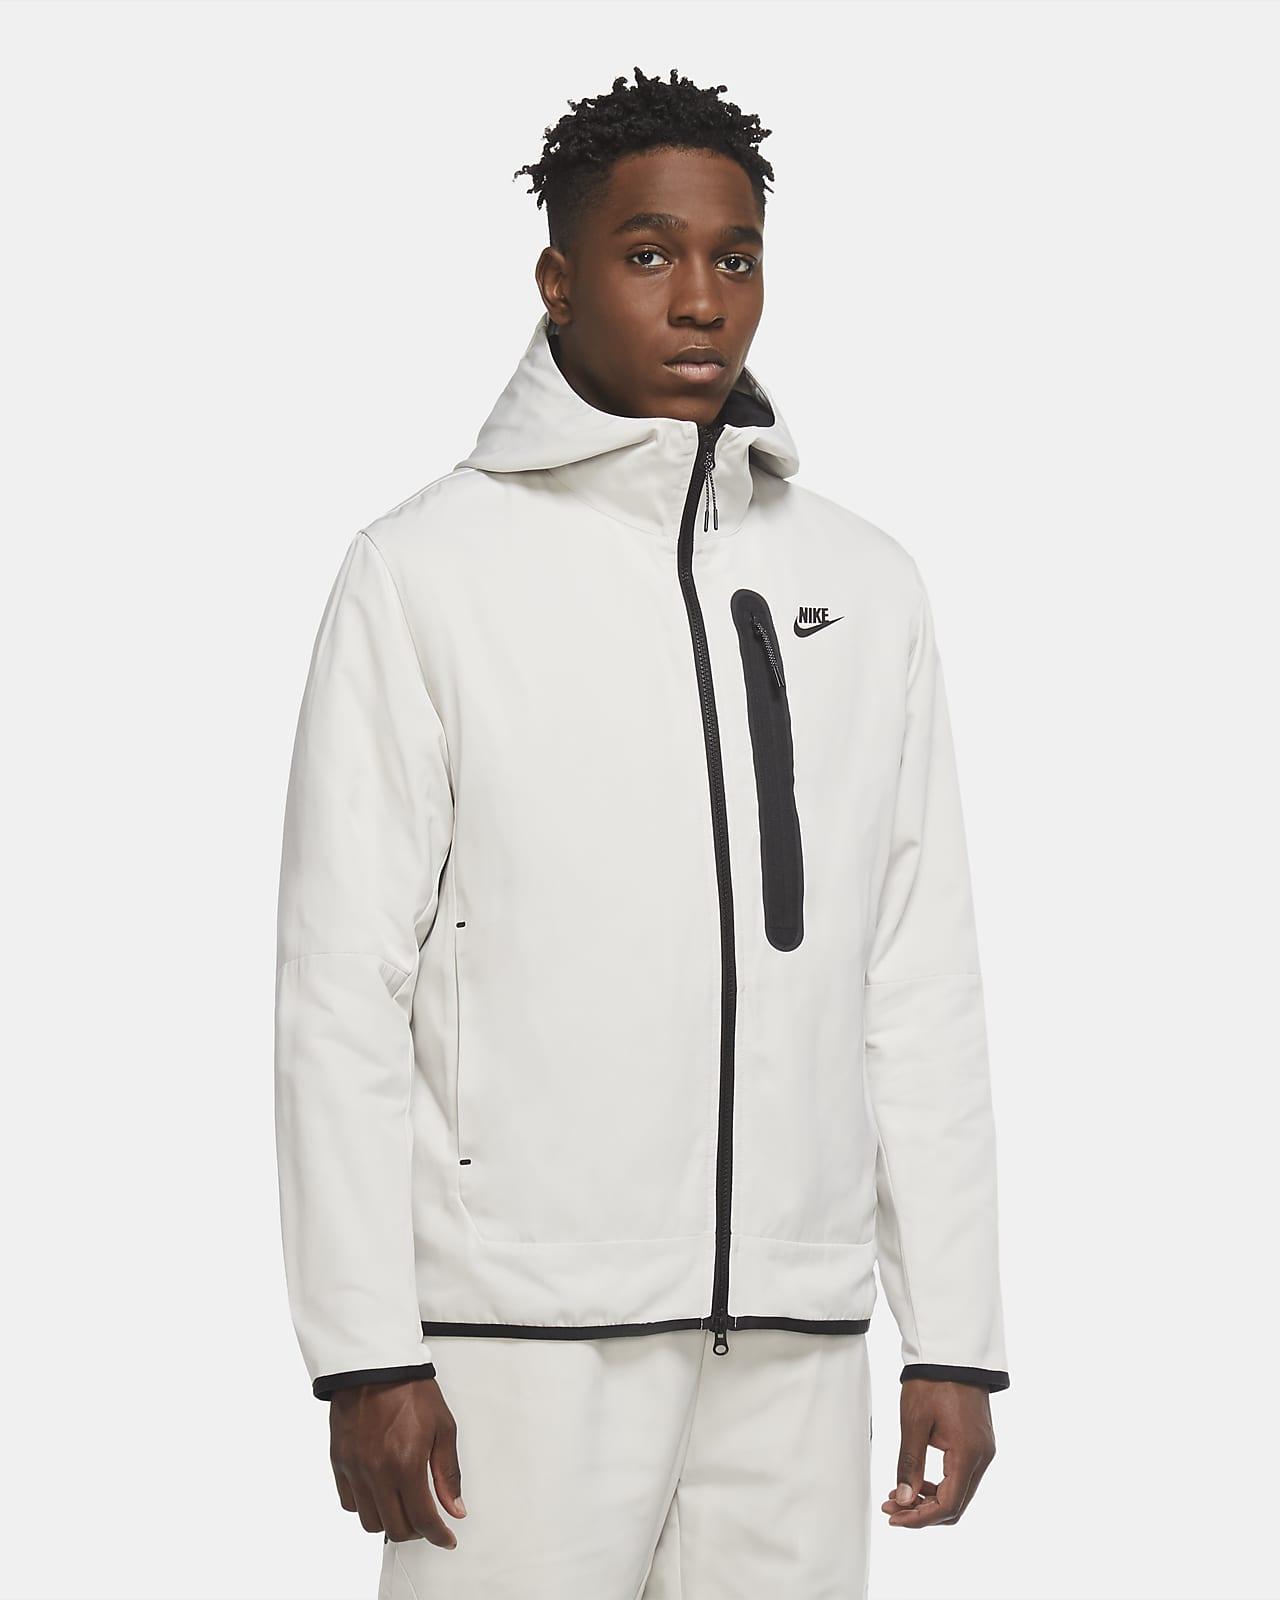 Nike Sportswear Tech Essentials Men's Repel Hooded Jacket